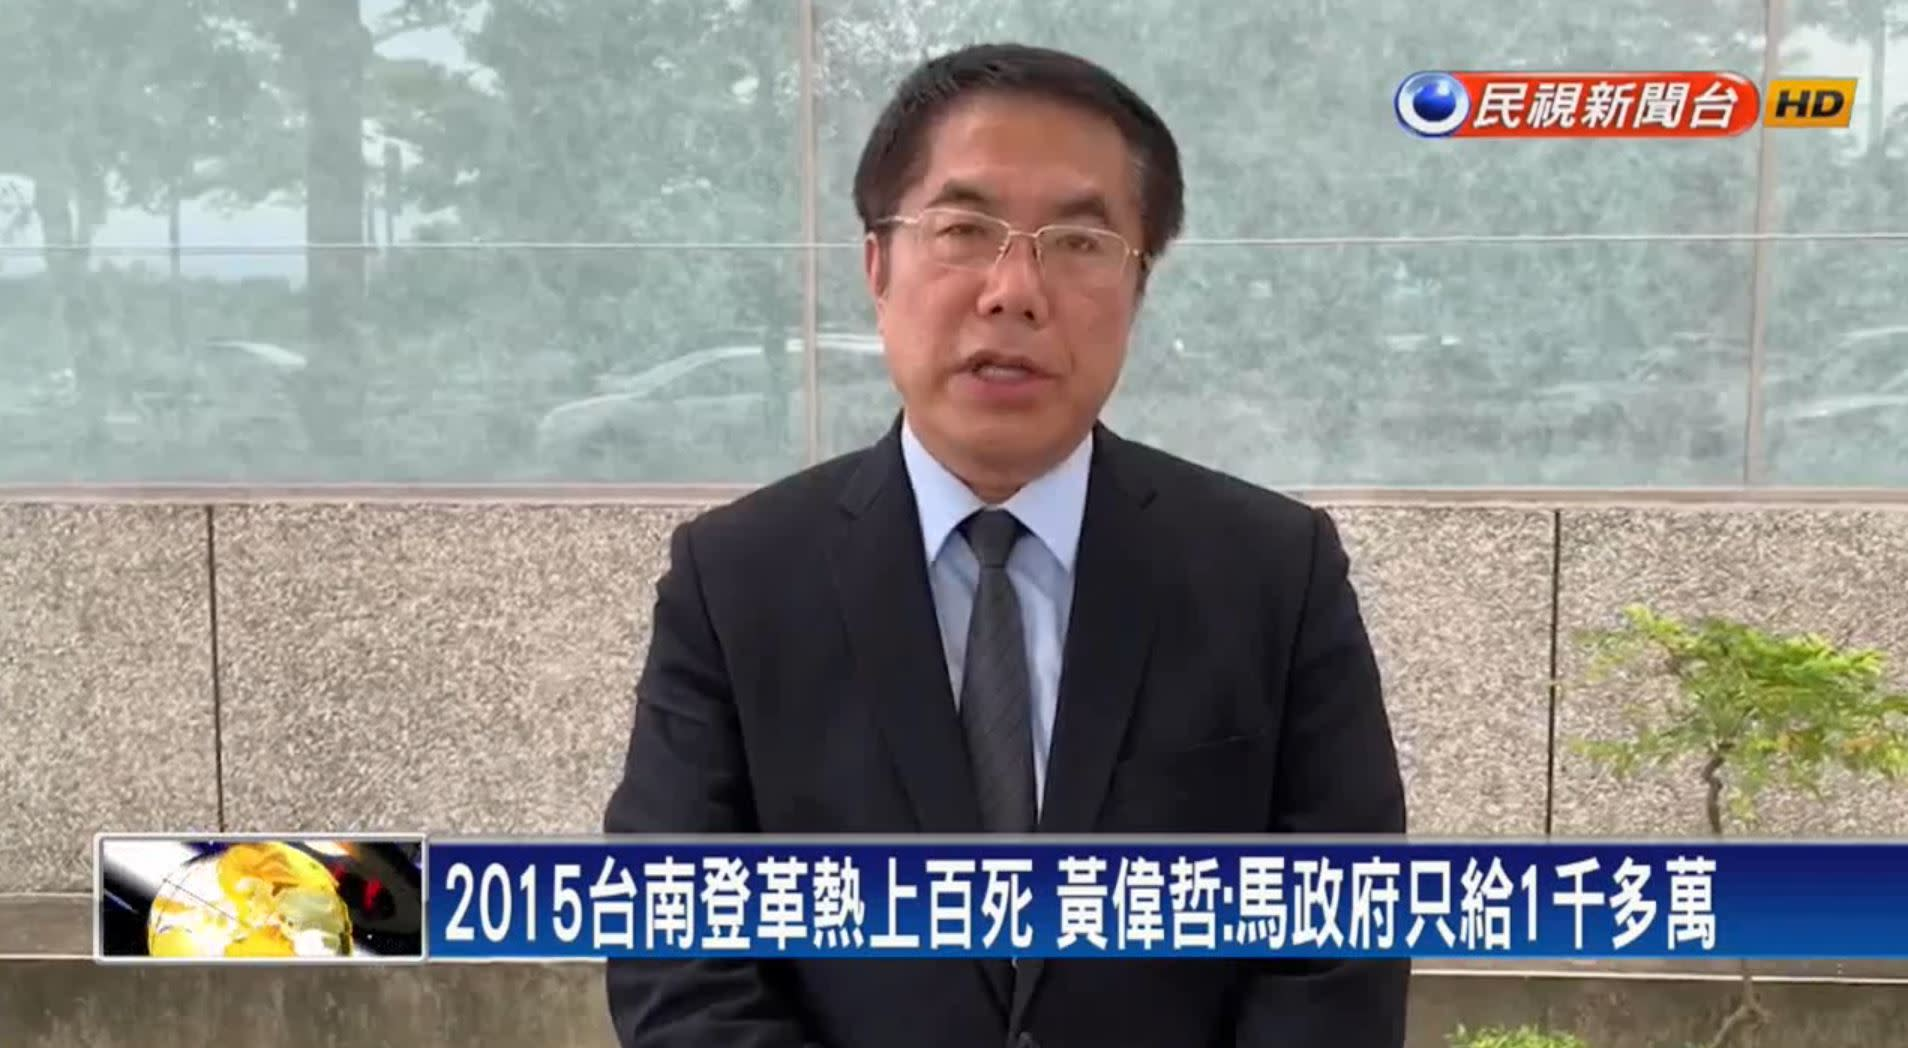 韓國瑜為補助款槓中央 黃偉哲搬馬政府數據反擊